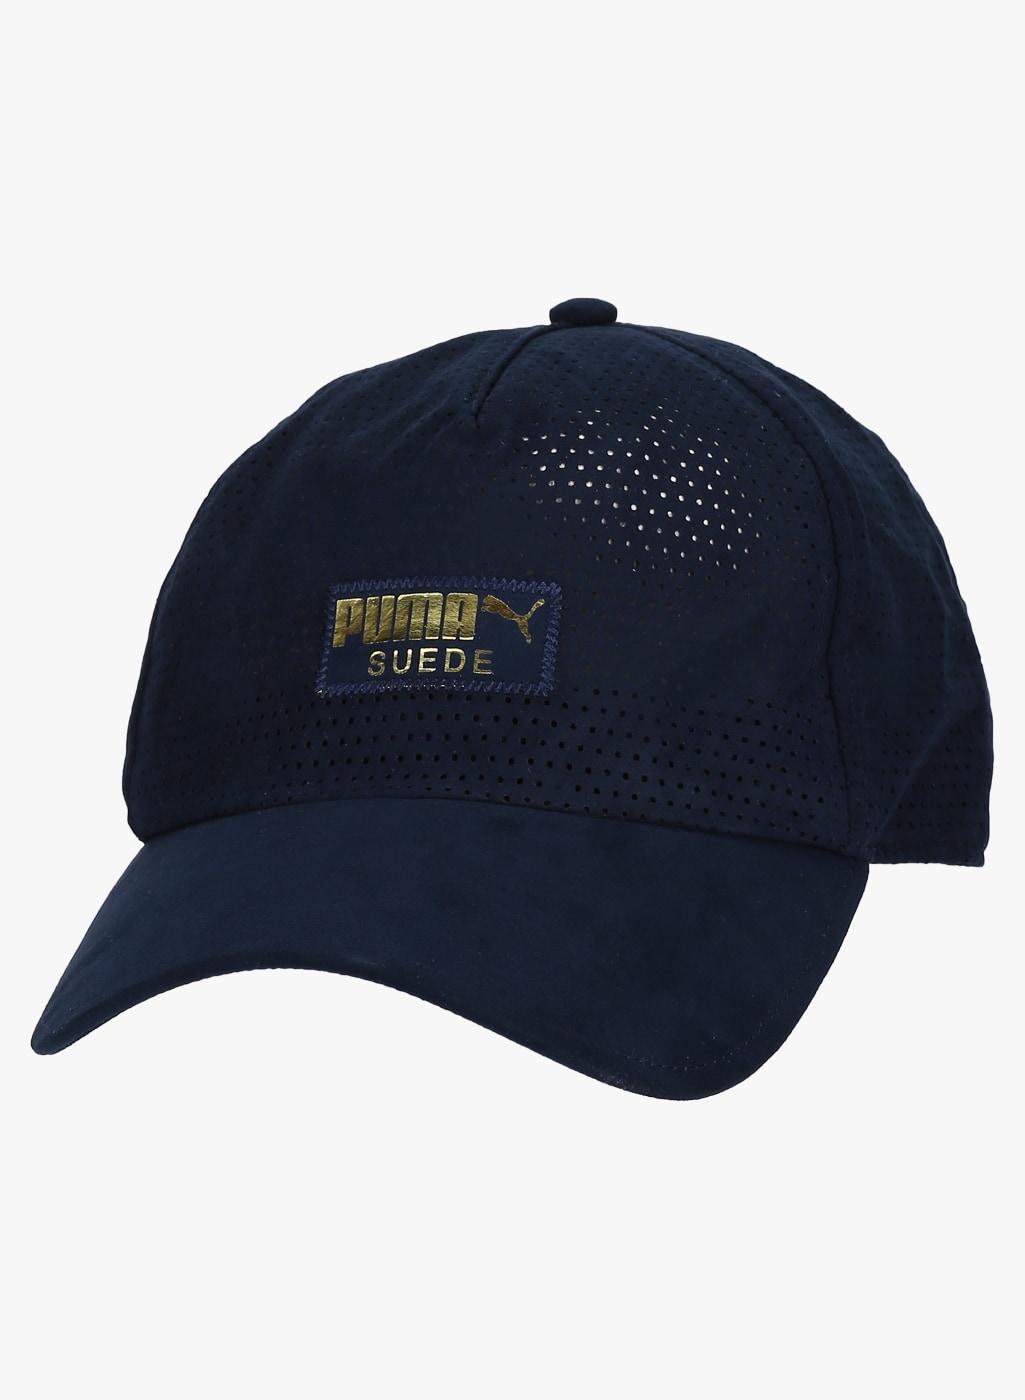 Sports Headwear Buy Sports Headwear Online In India Jabong